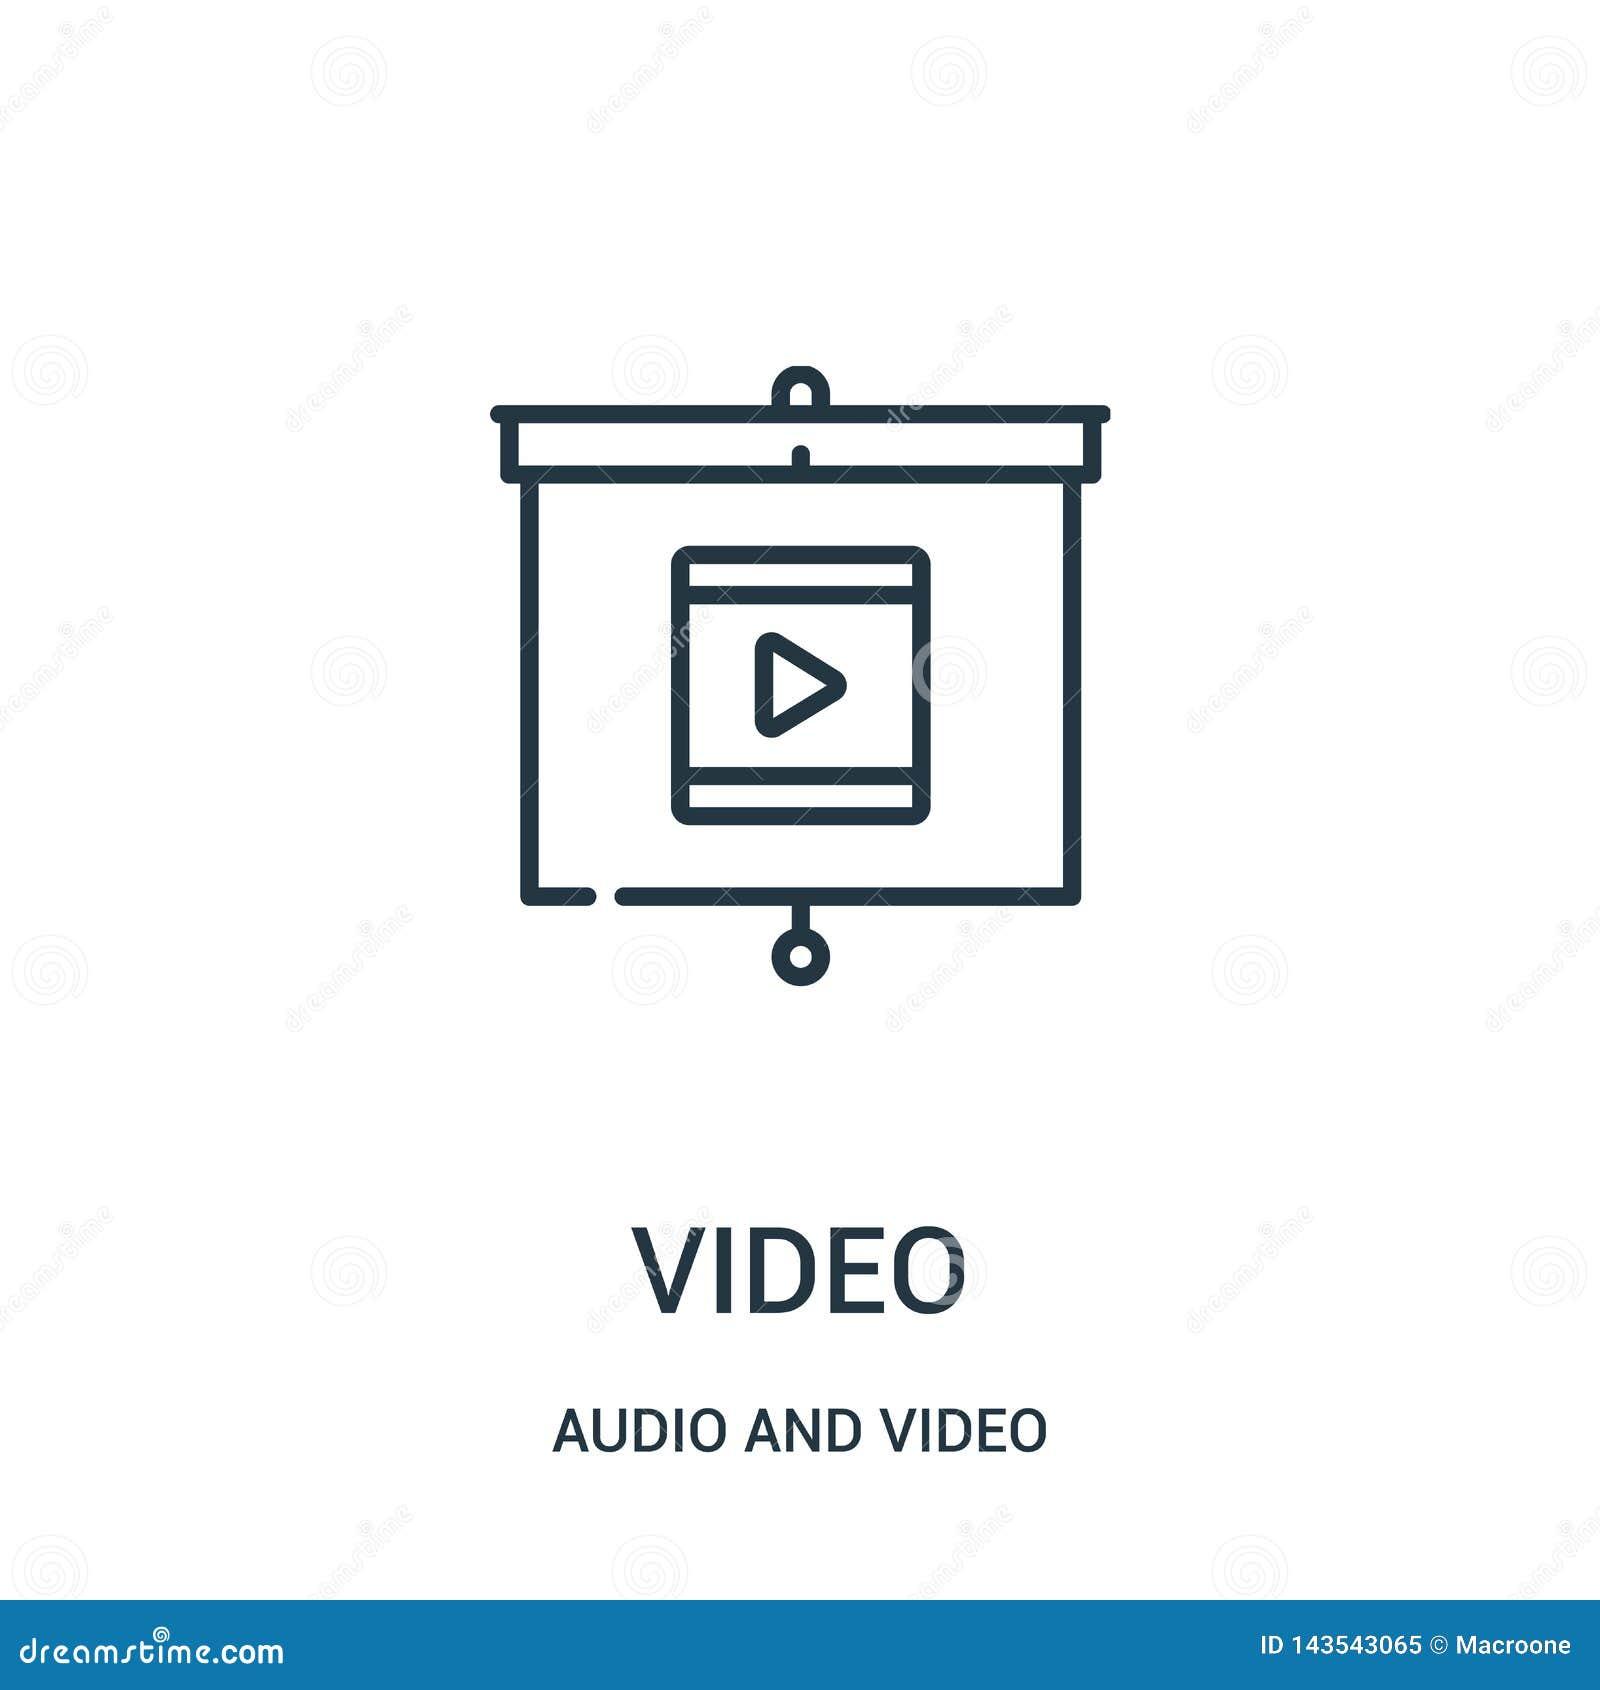 Video symbolsvektor från ljudsignal och video samling Tunn linje video illustration för översiktssymbolsvektor